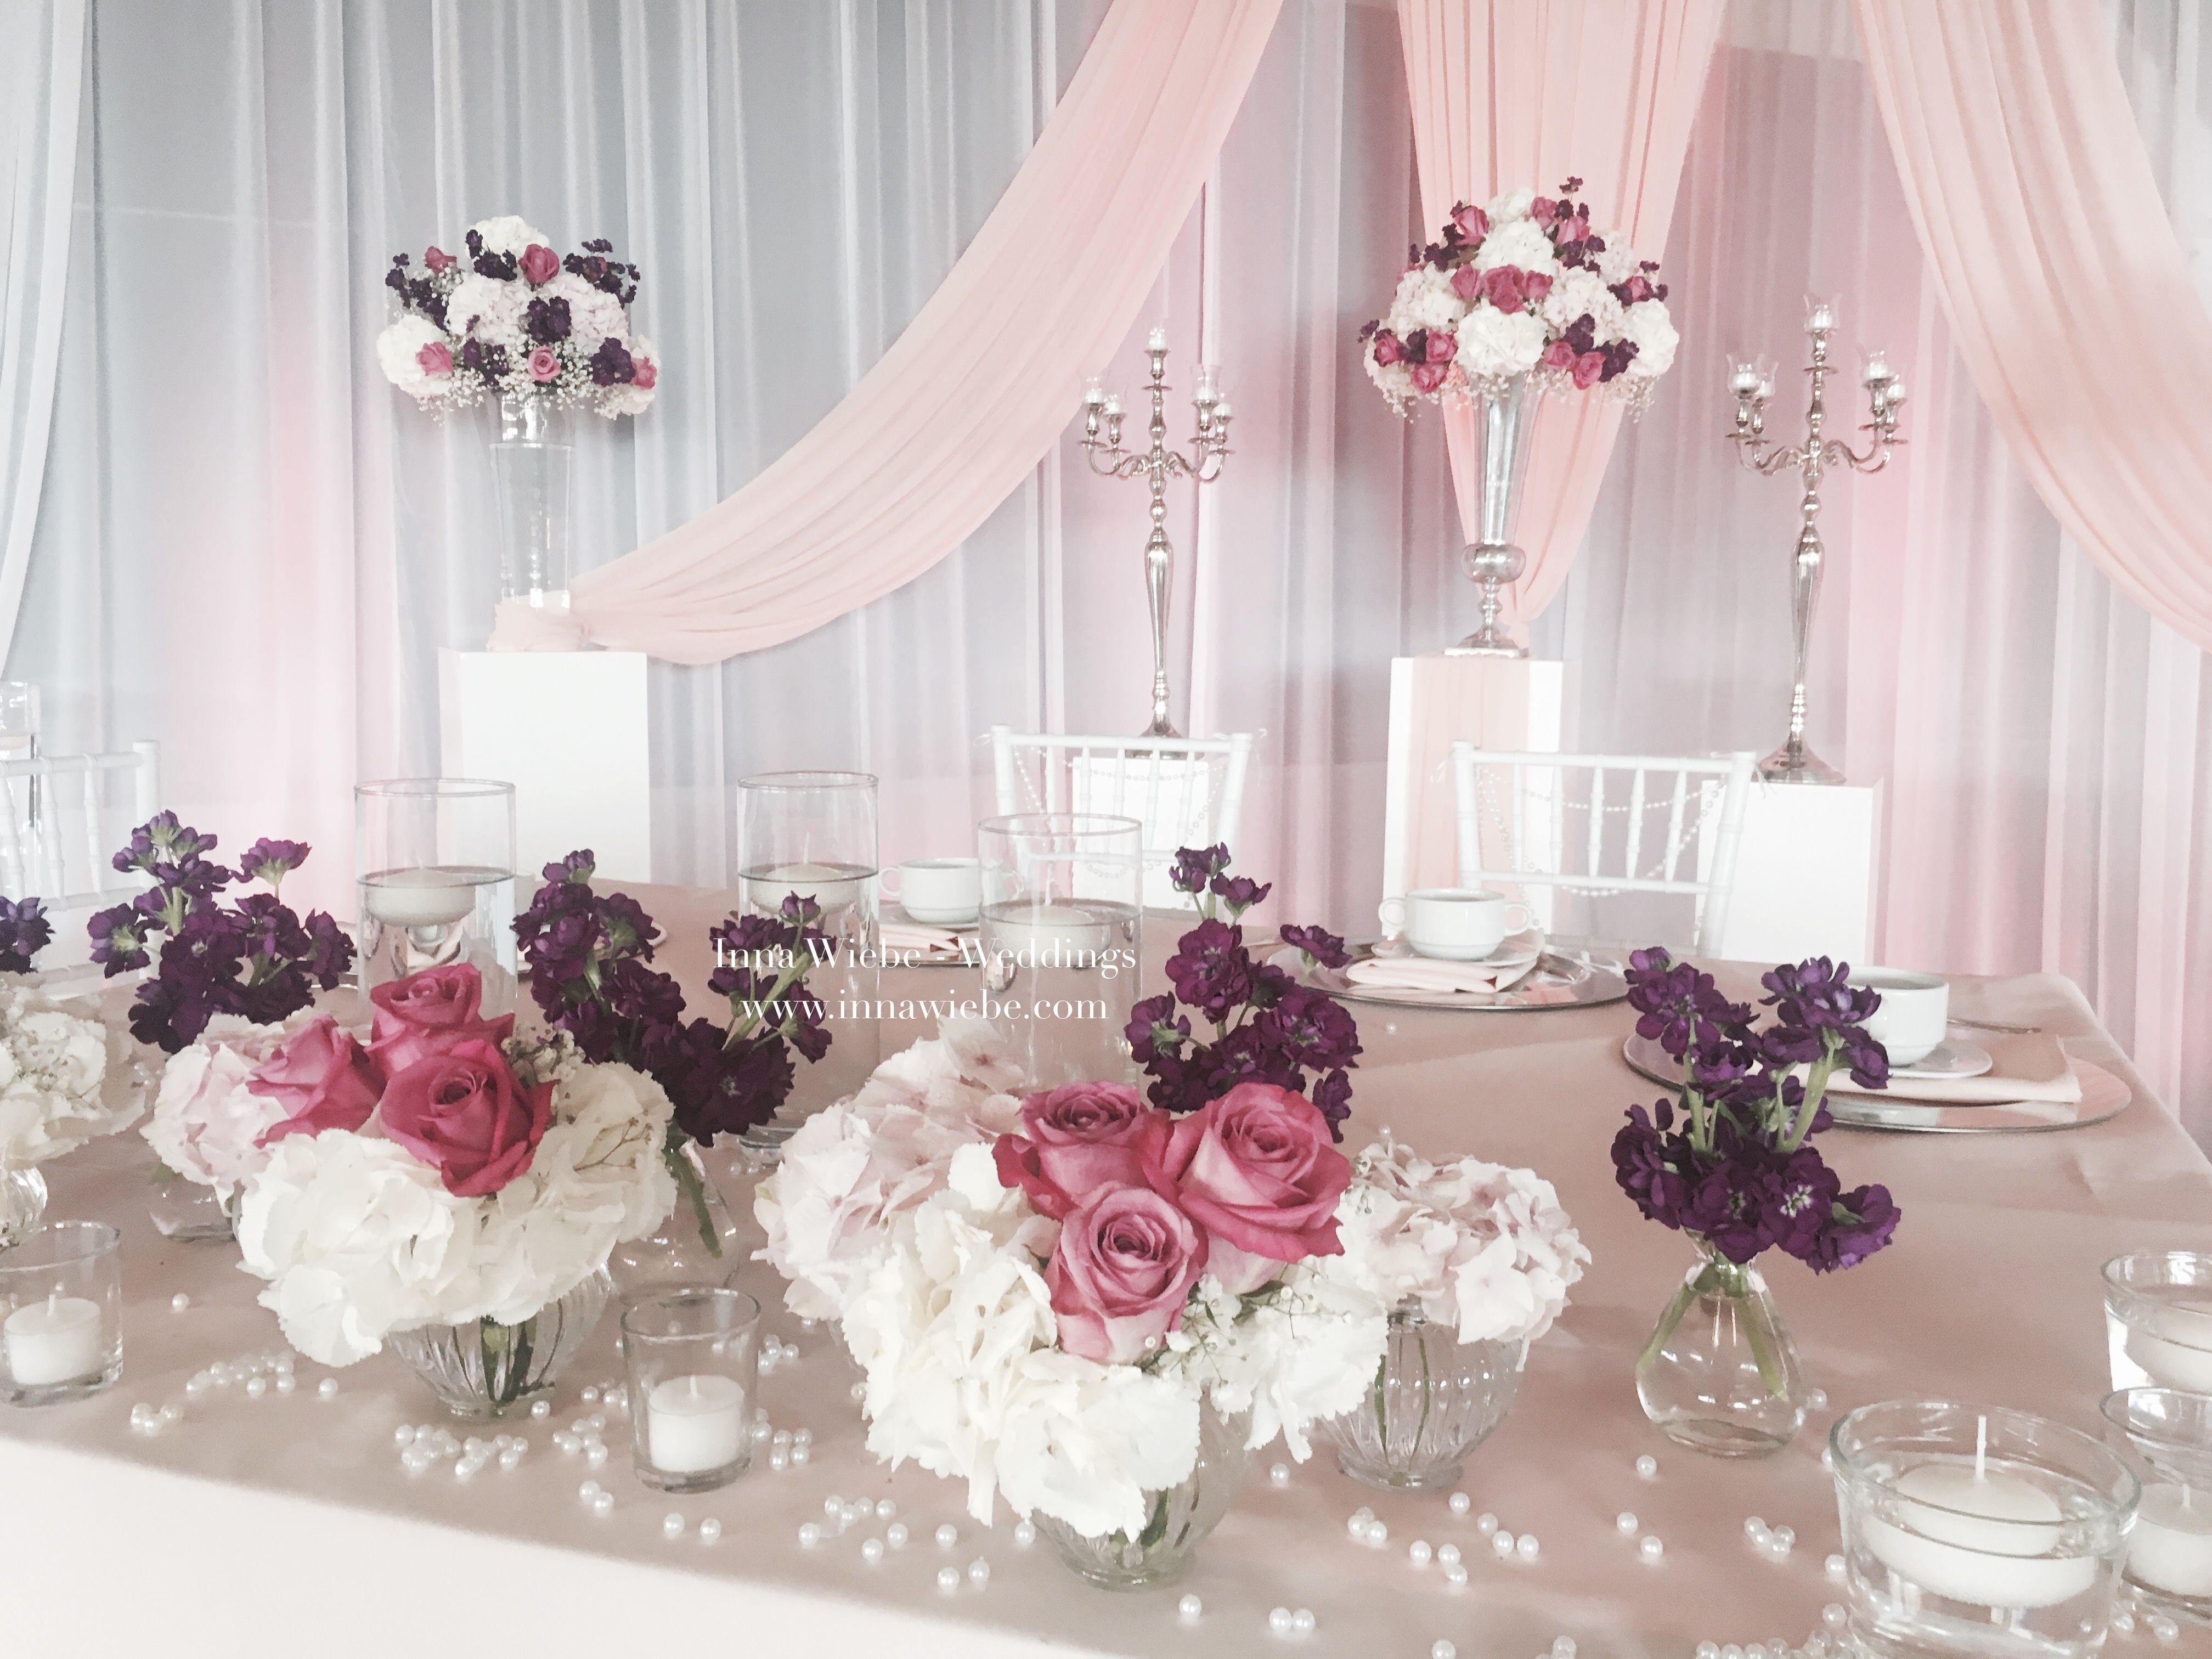 Brautpaartisch mit krftigen Akzenten in Lila